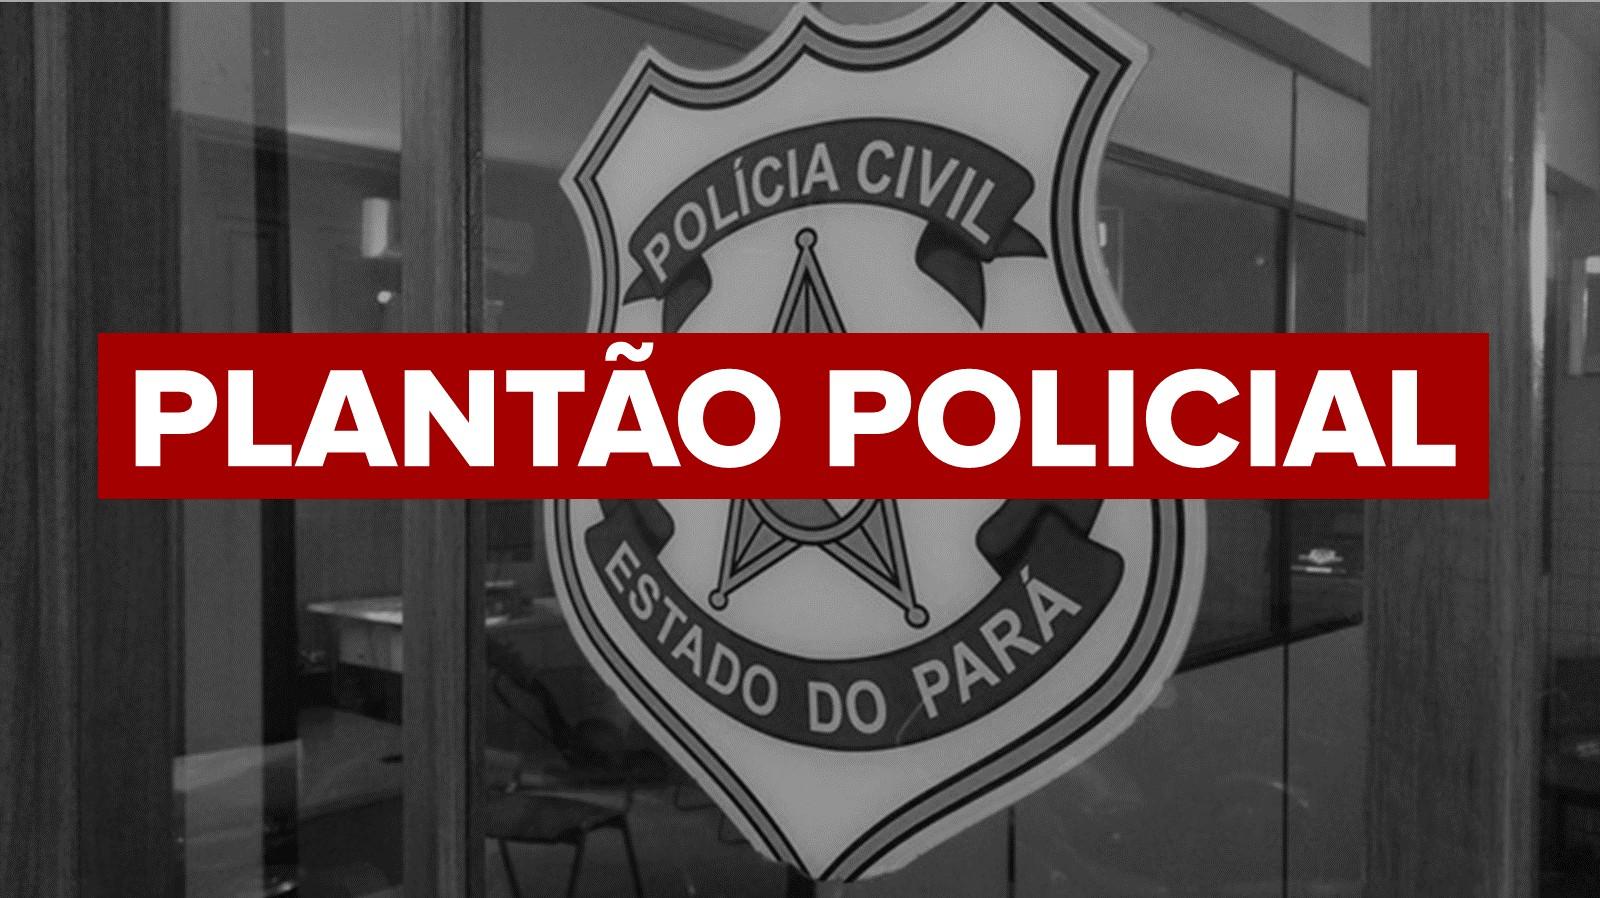 Plantão policial: casos de embriaguez ao volante, lesão corporal e violência doméstica são registrados em Santarém